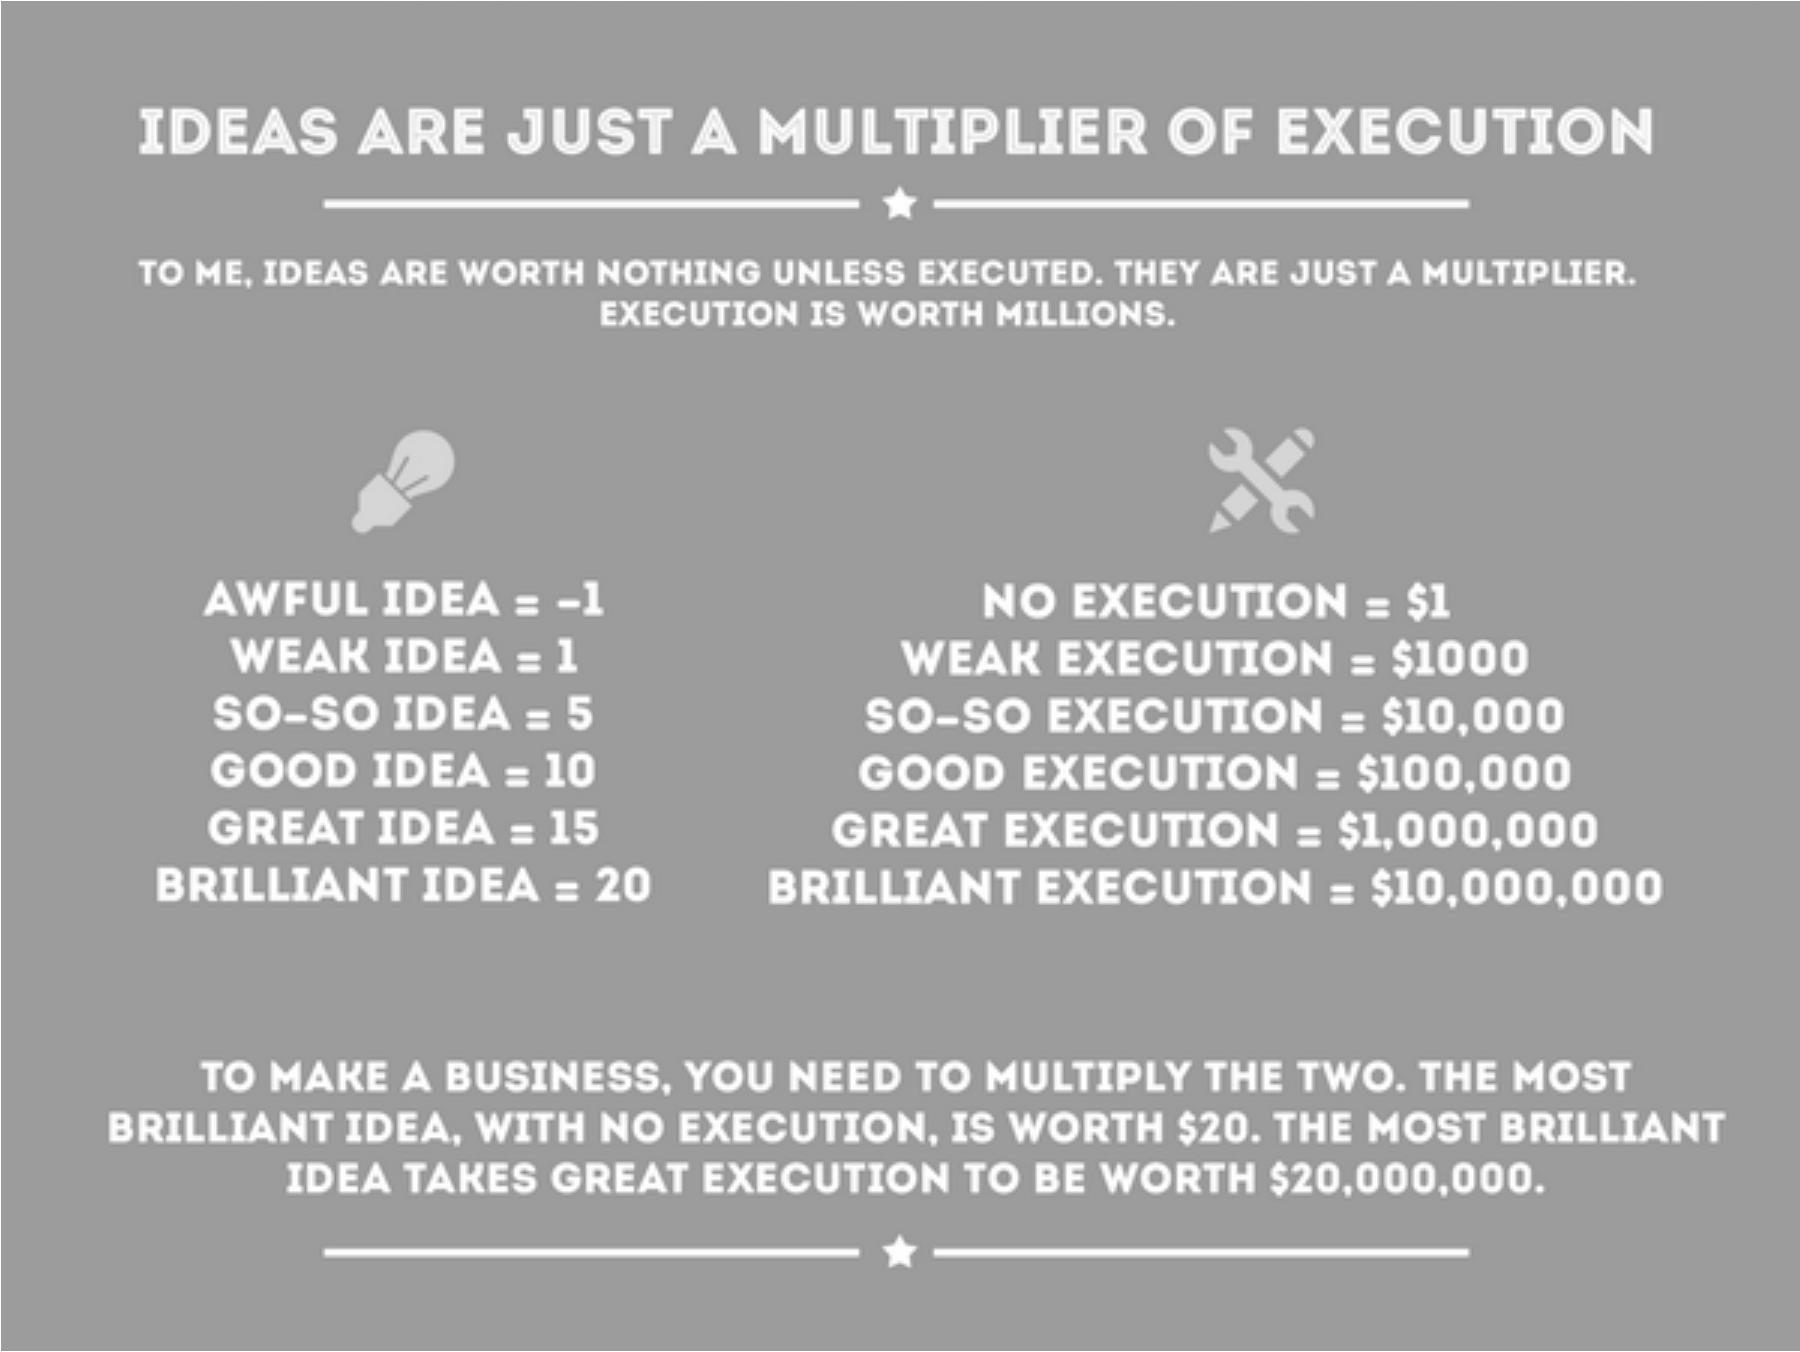 idea_execution